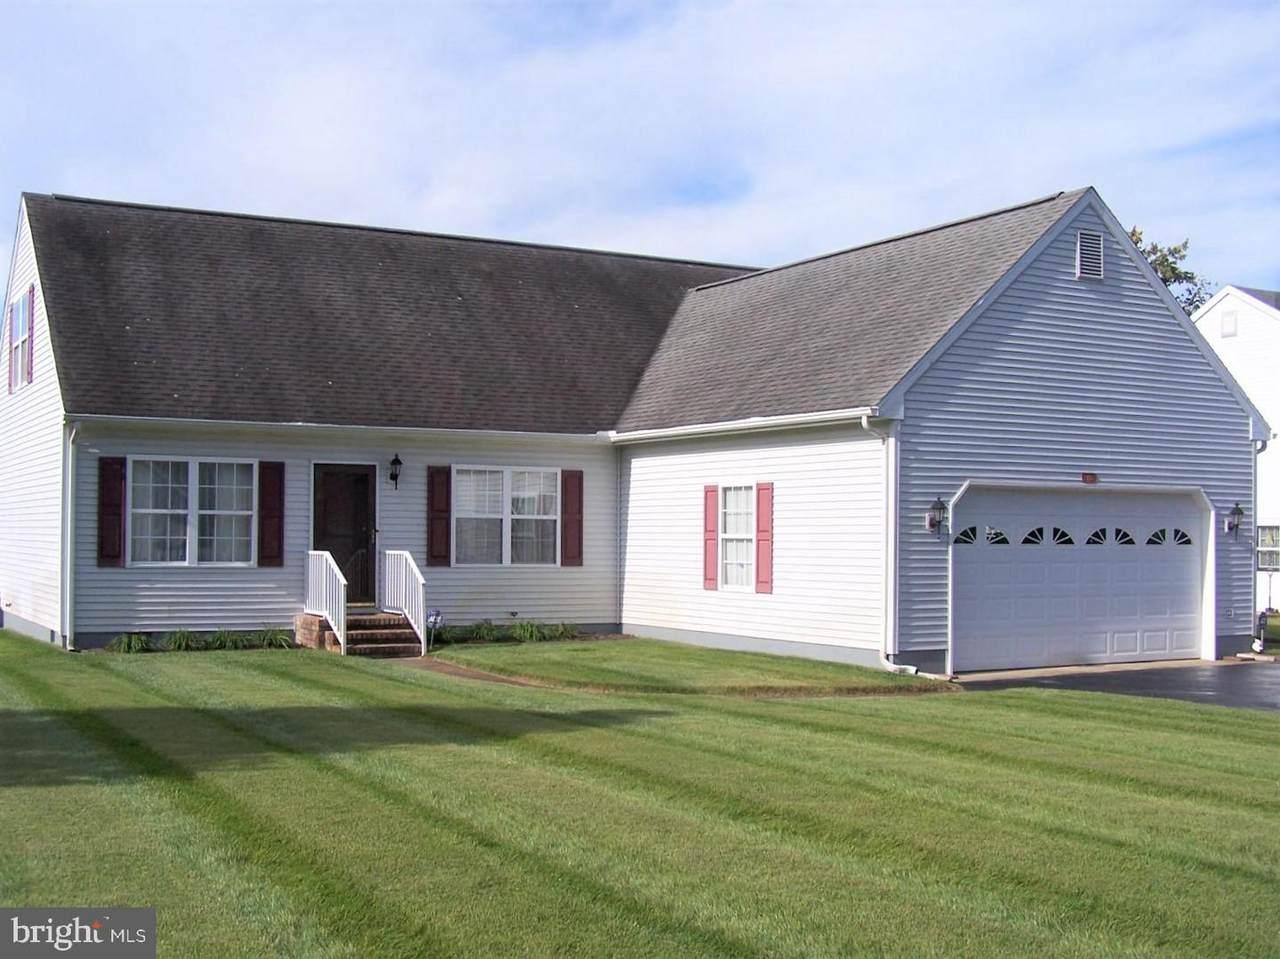 133 Meadow Drive - Photo 1